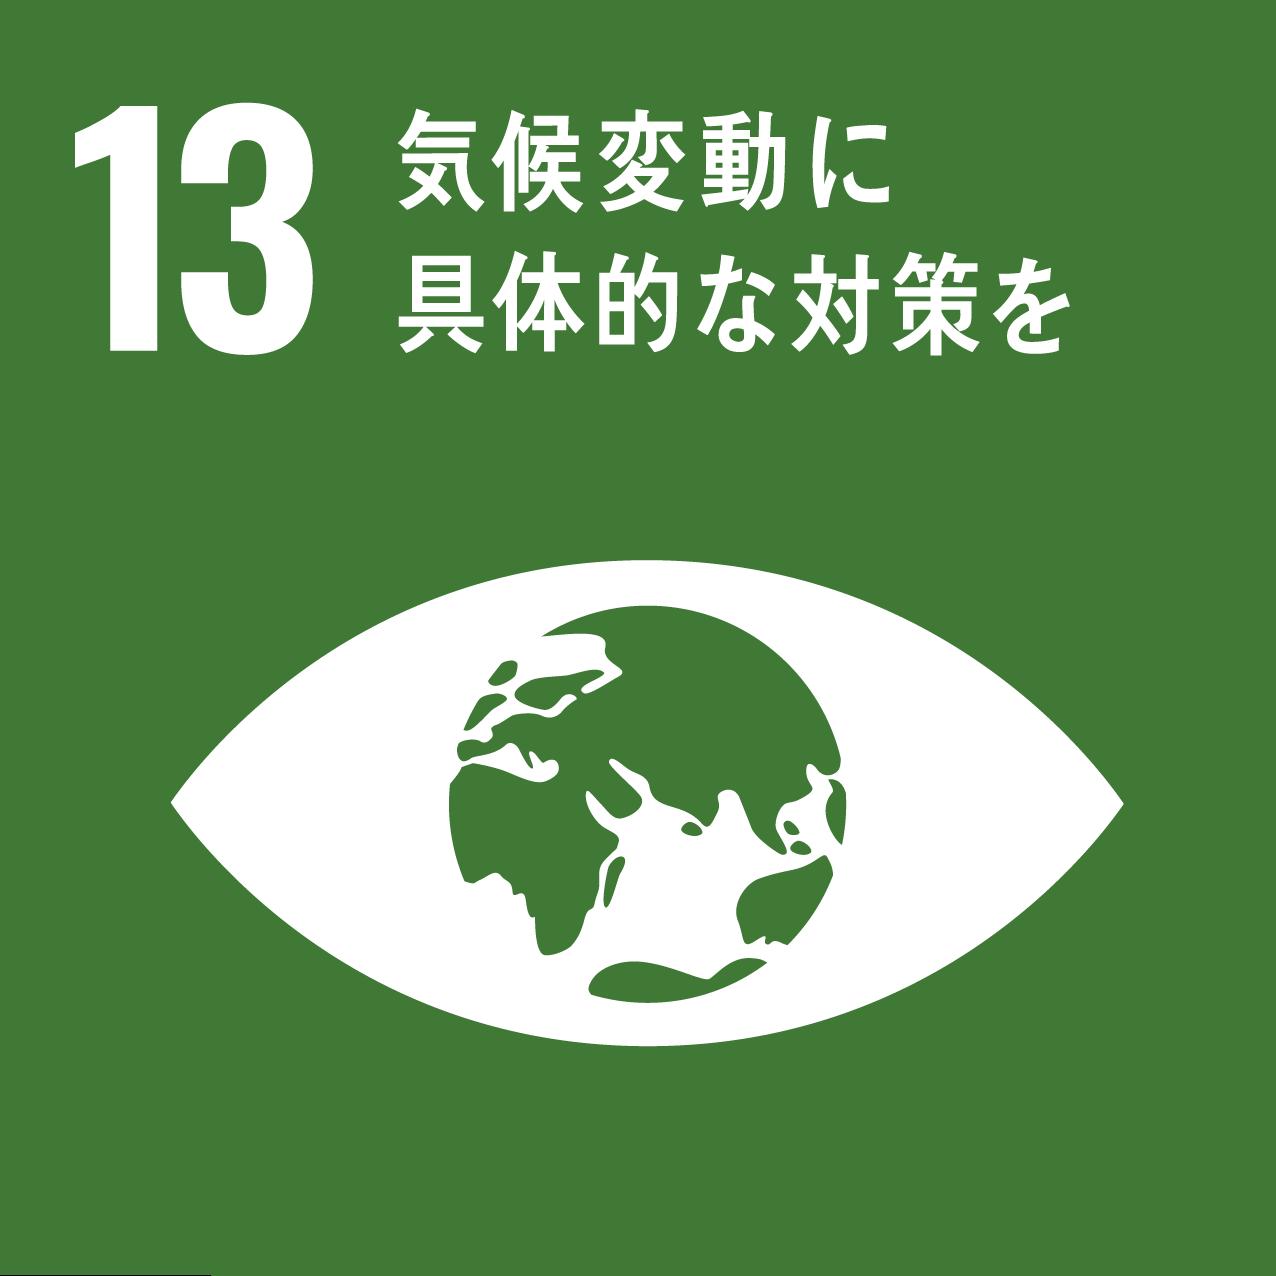 13,気候変動に具体的な対策を